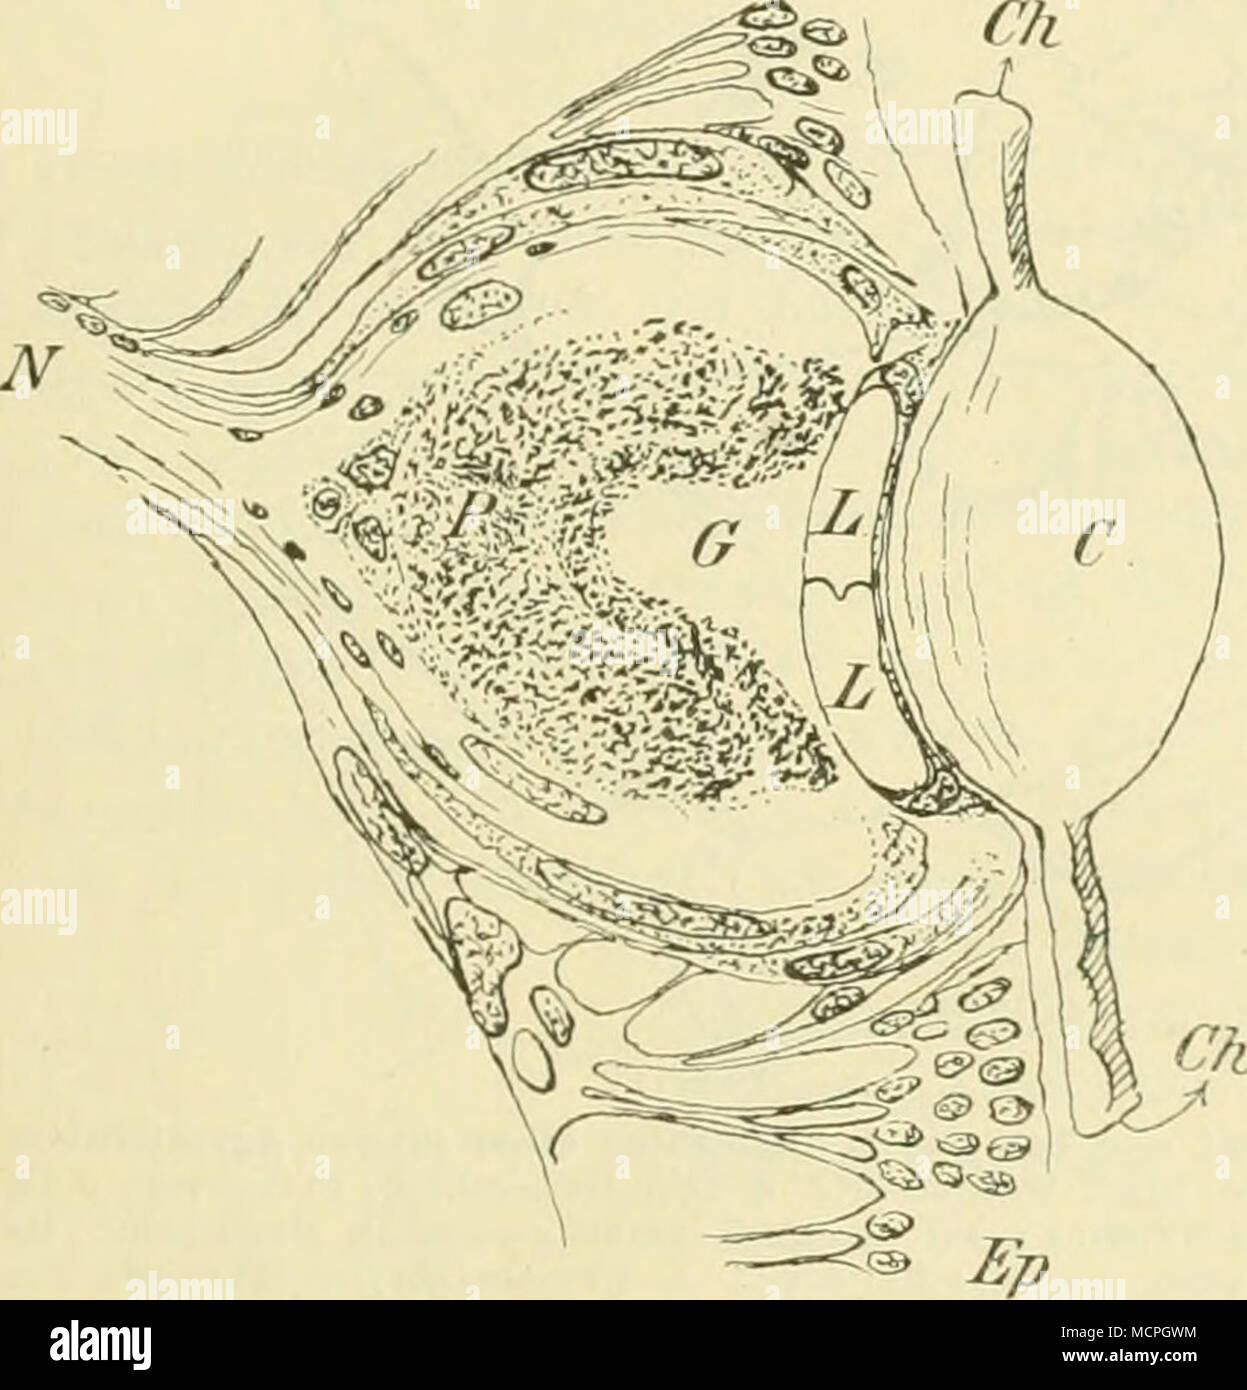 Tolle Innere Anatomie Eines Perch Bilder - Menschliche Anatomie ...